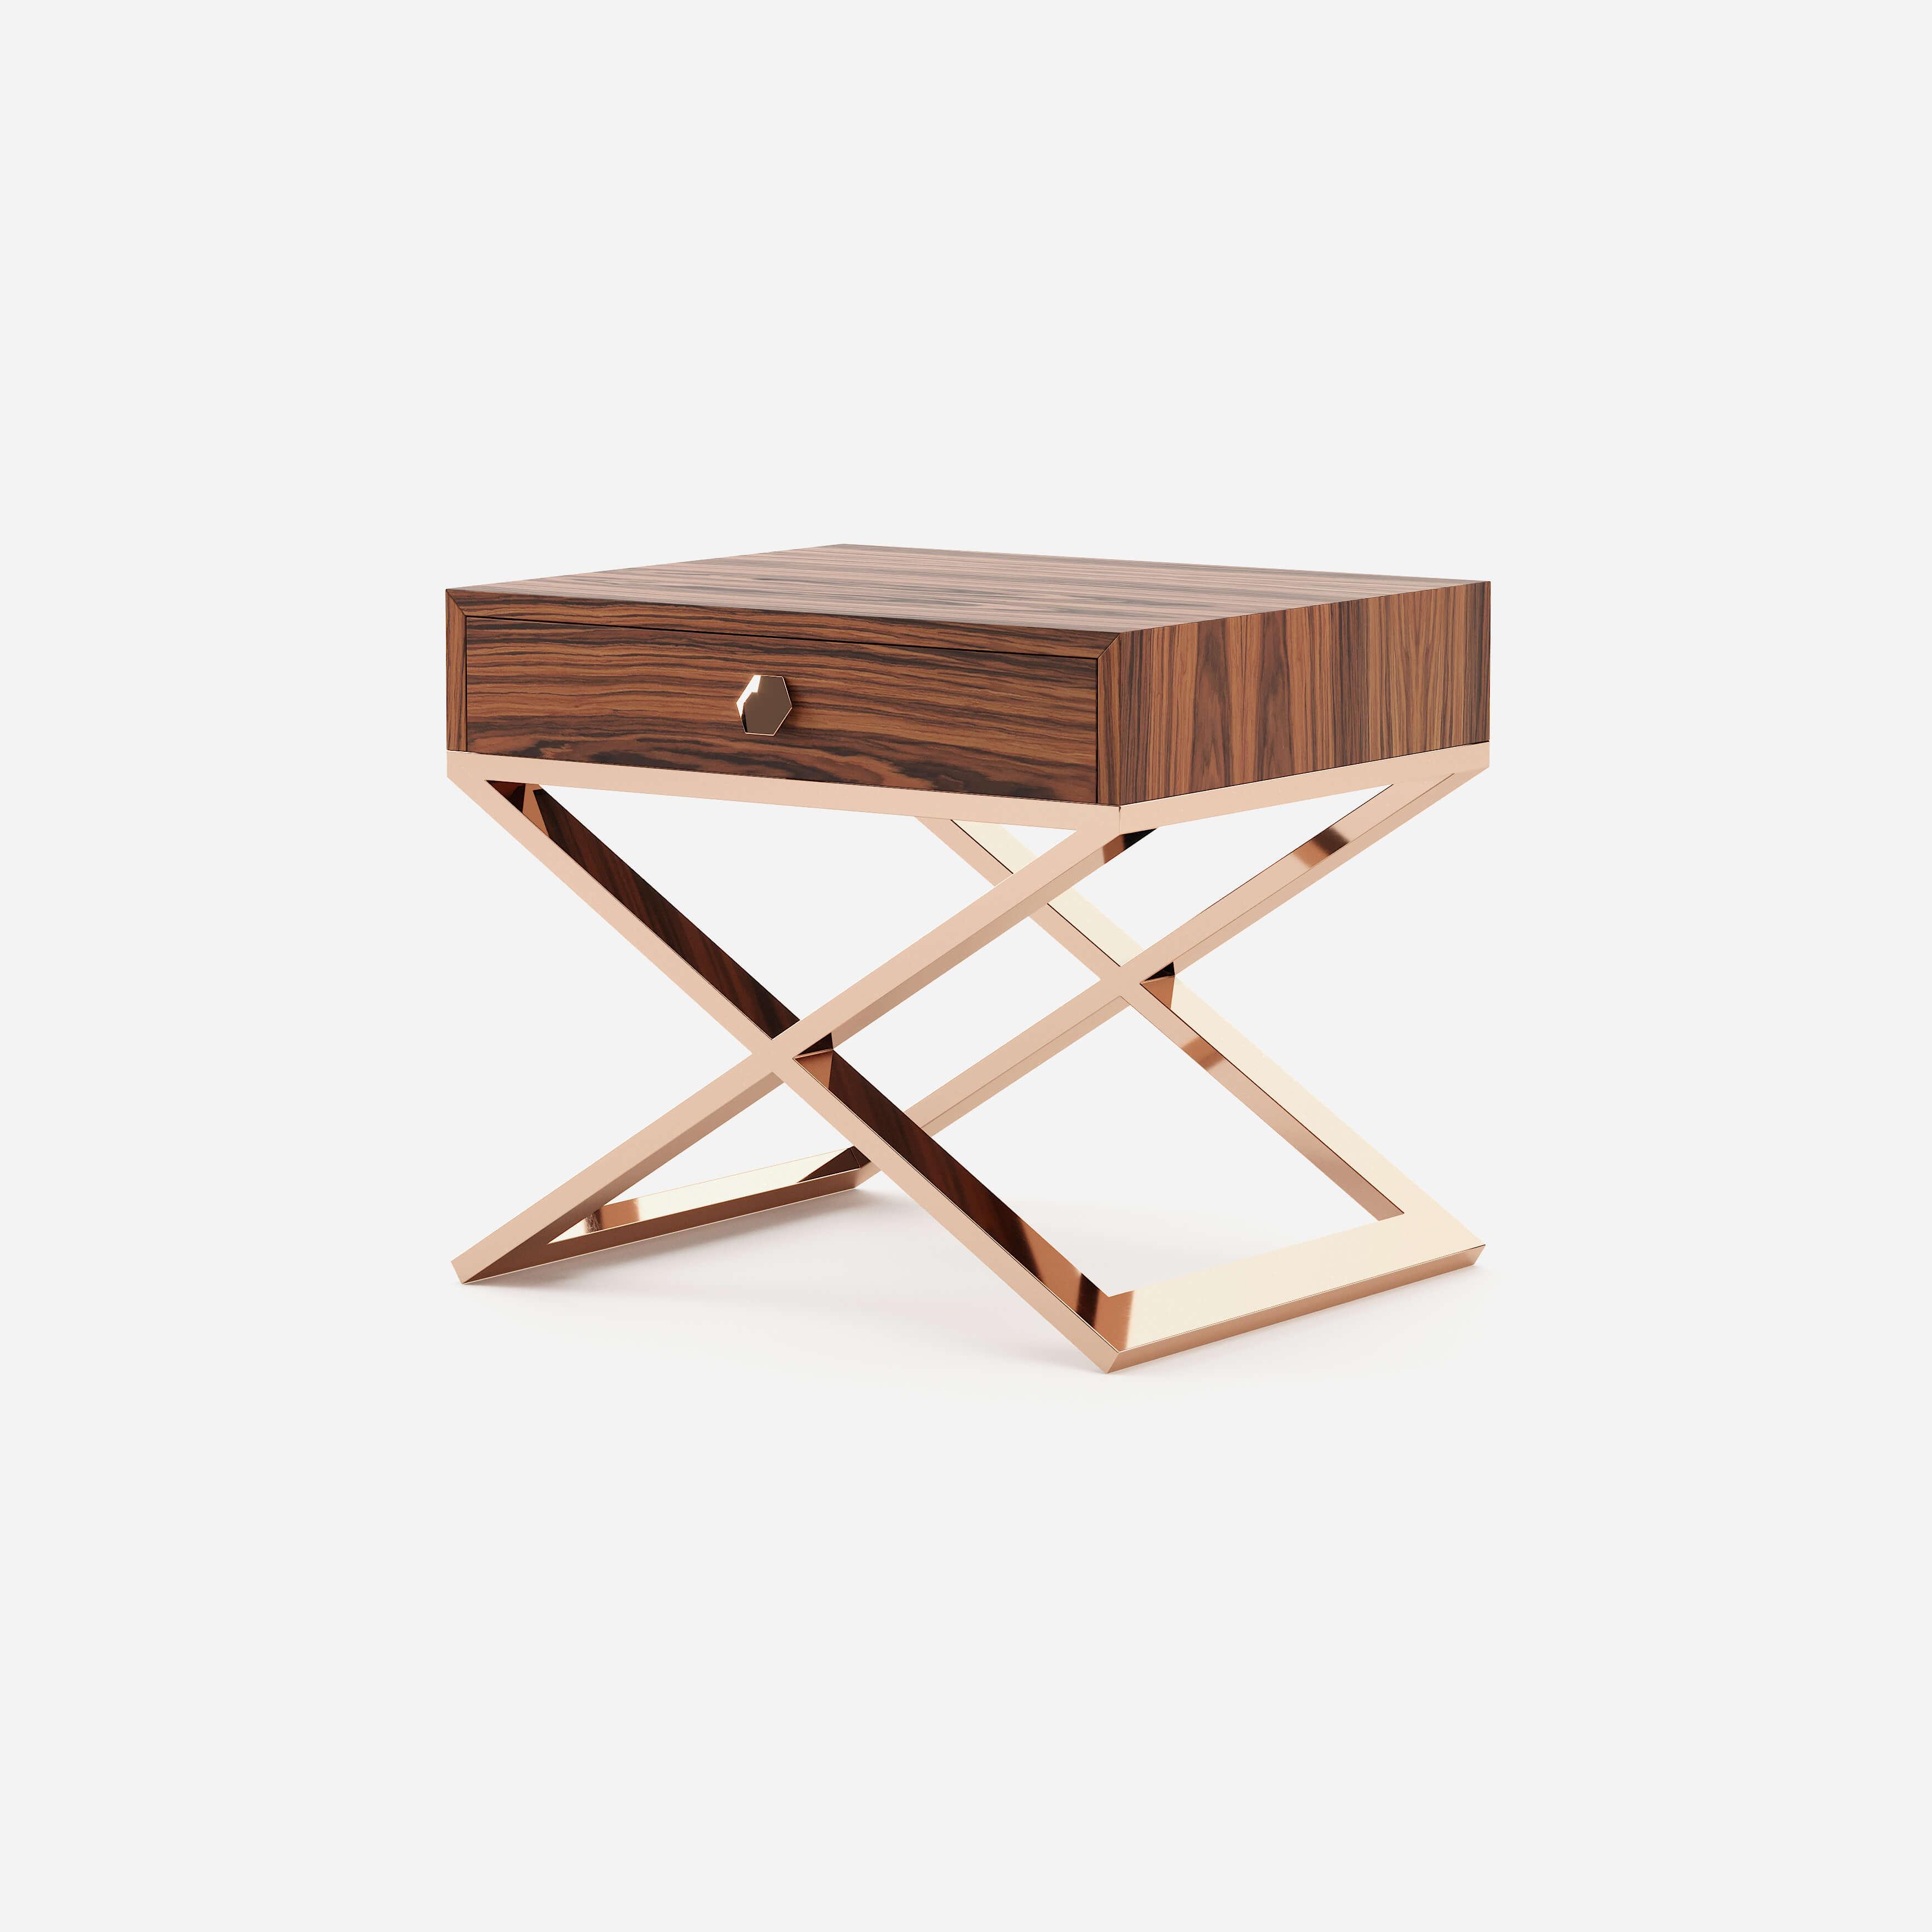 flavia-nightstand-mesa-de-cabeceira-domkapa-wood-metal-gold-velvet-master-bedroom-comfort-design-1